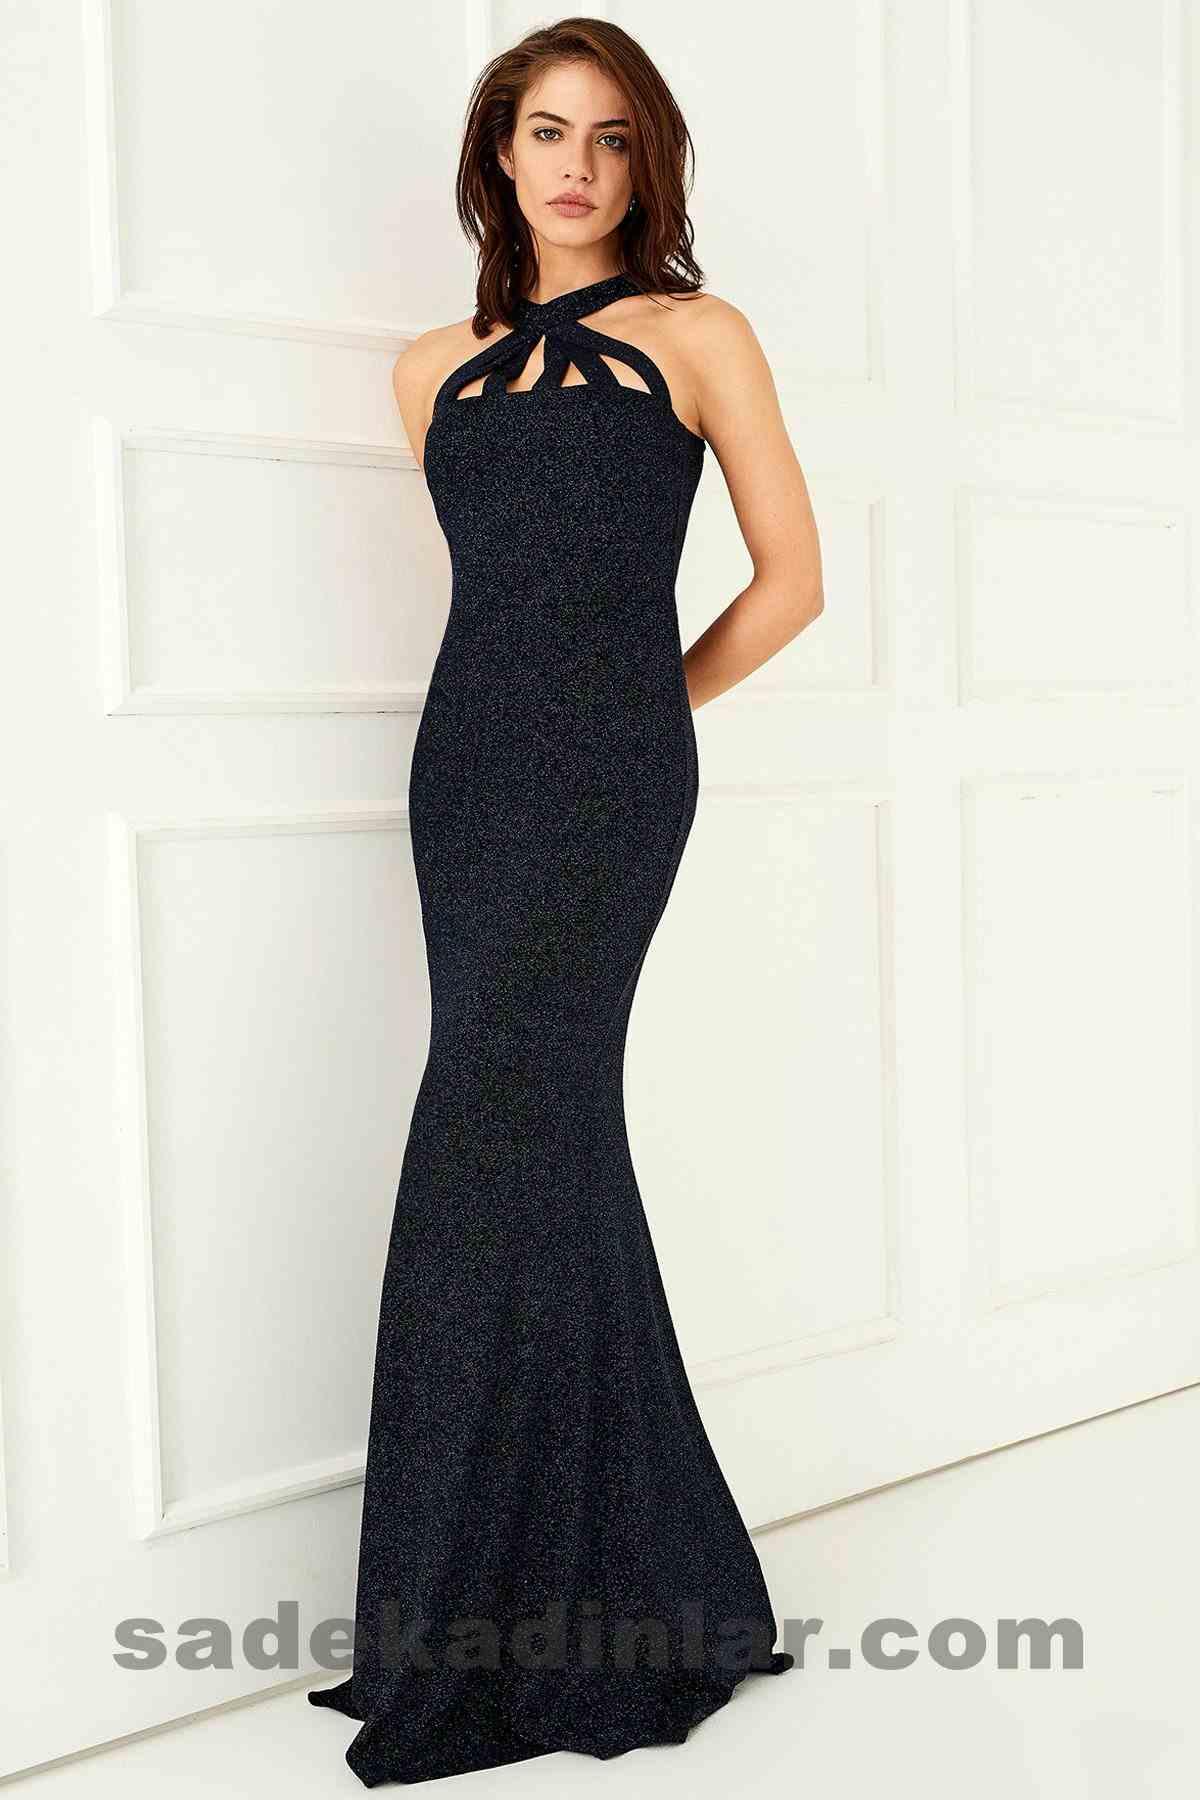 Abiye Elbise Modelleri Şık ve Güzel 2019 Gece Elbiseleri Lacivert Parıltı Detaylı